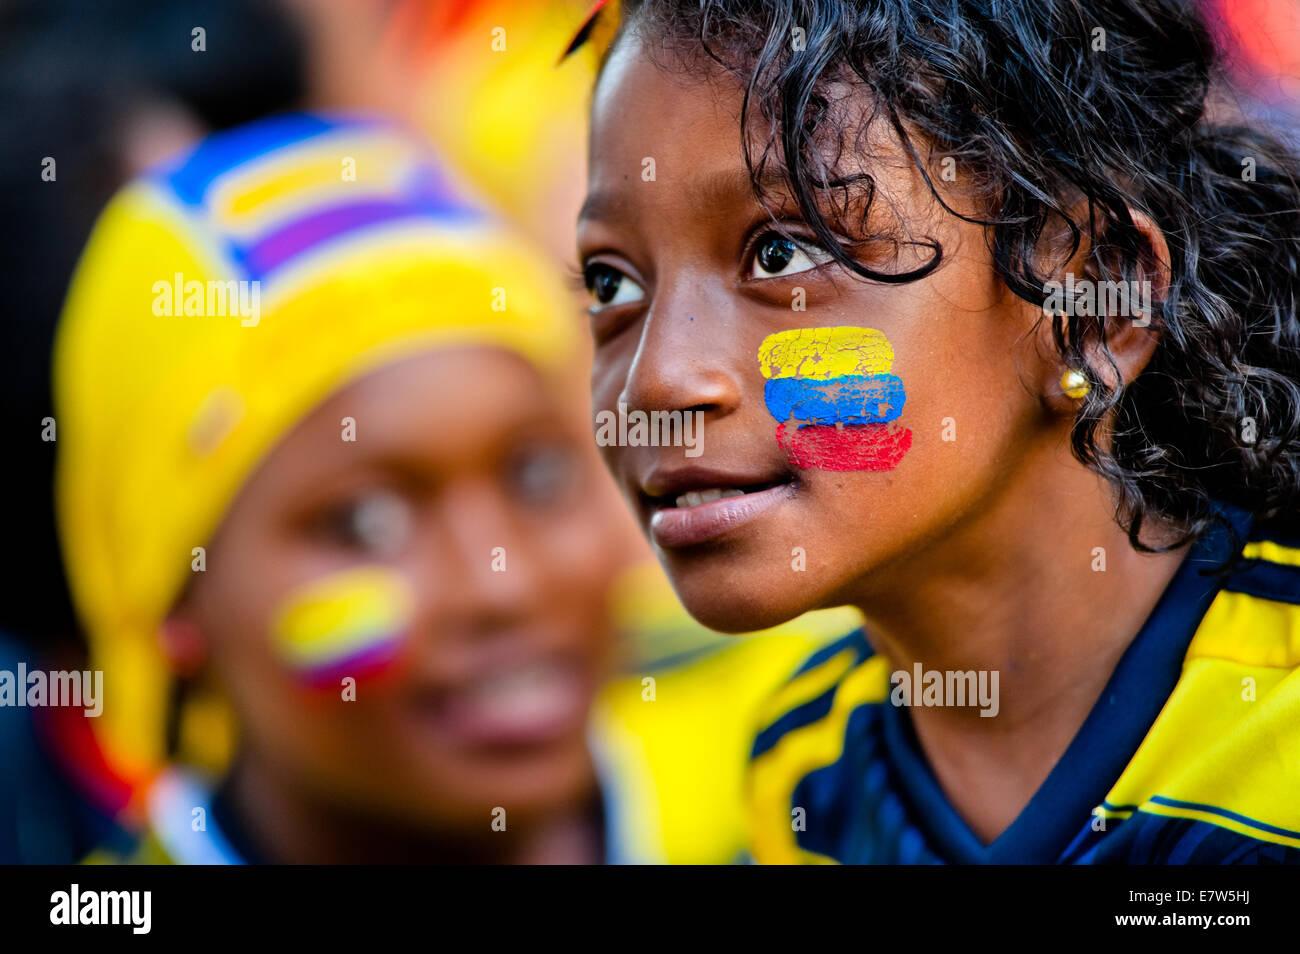 Una ragazza colombiana orologi la partita di calcio alla coppa del mondo fifa 2014, in un parco di Cali, Colombia. Immagini Stock